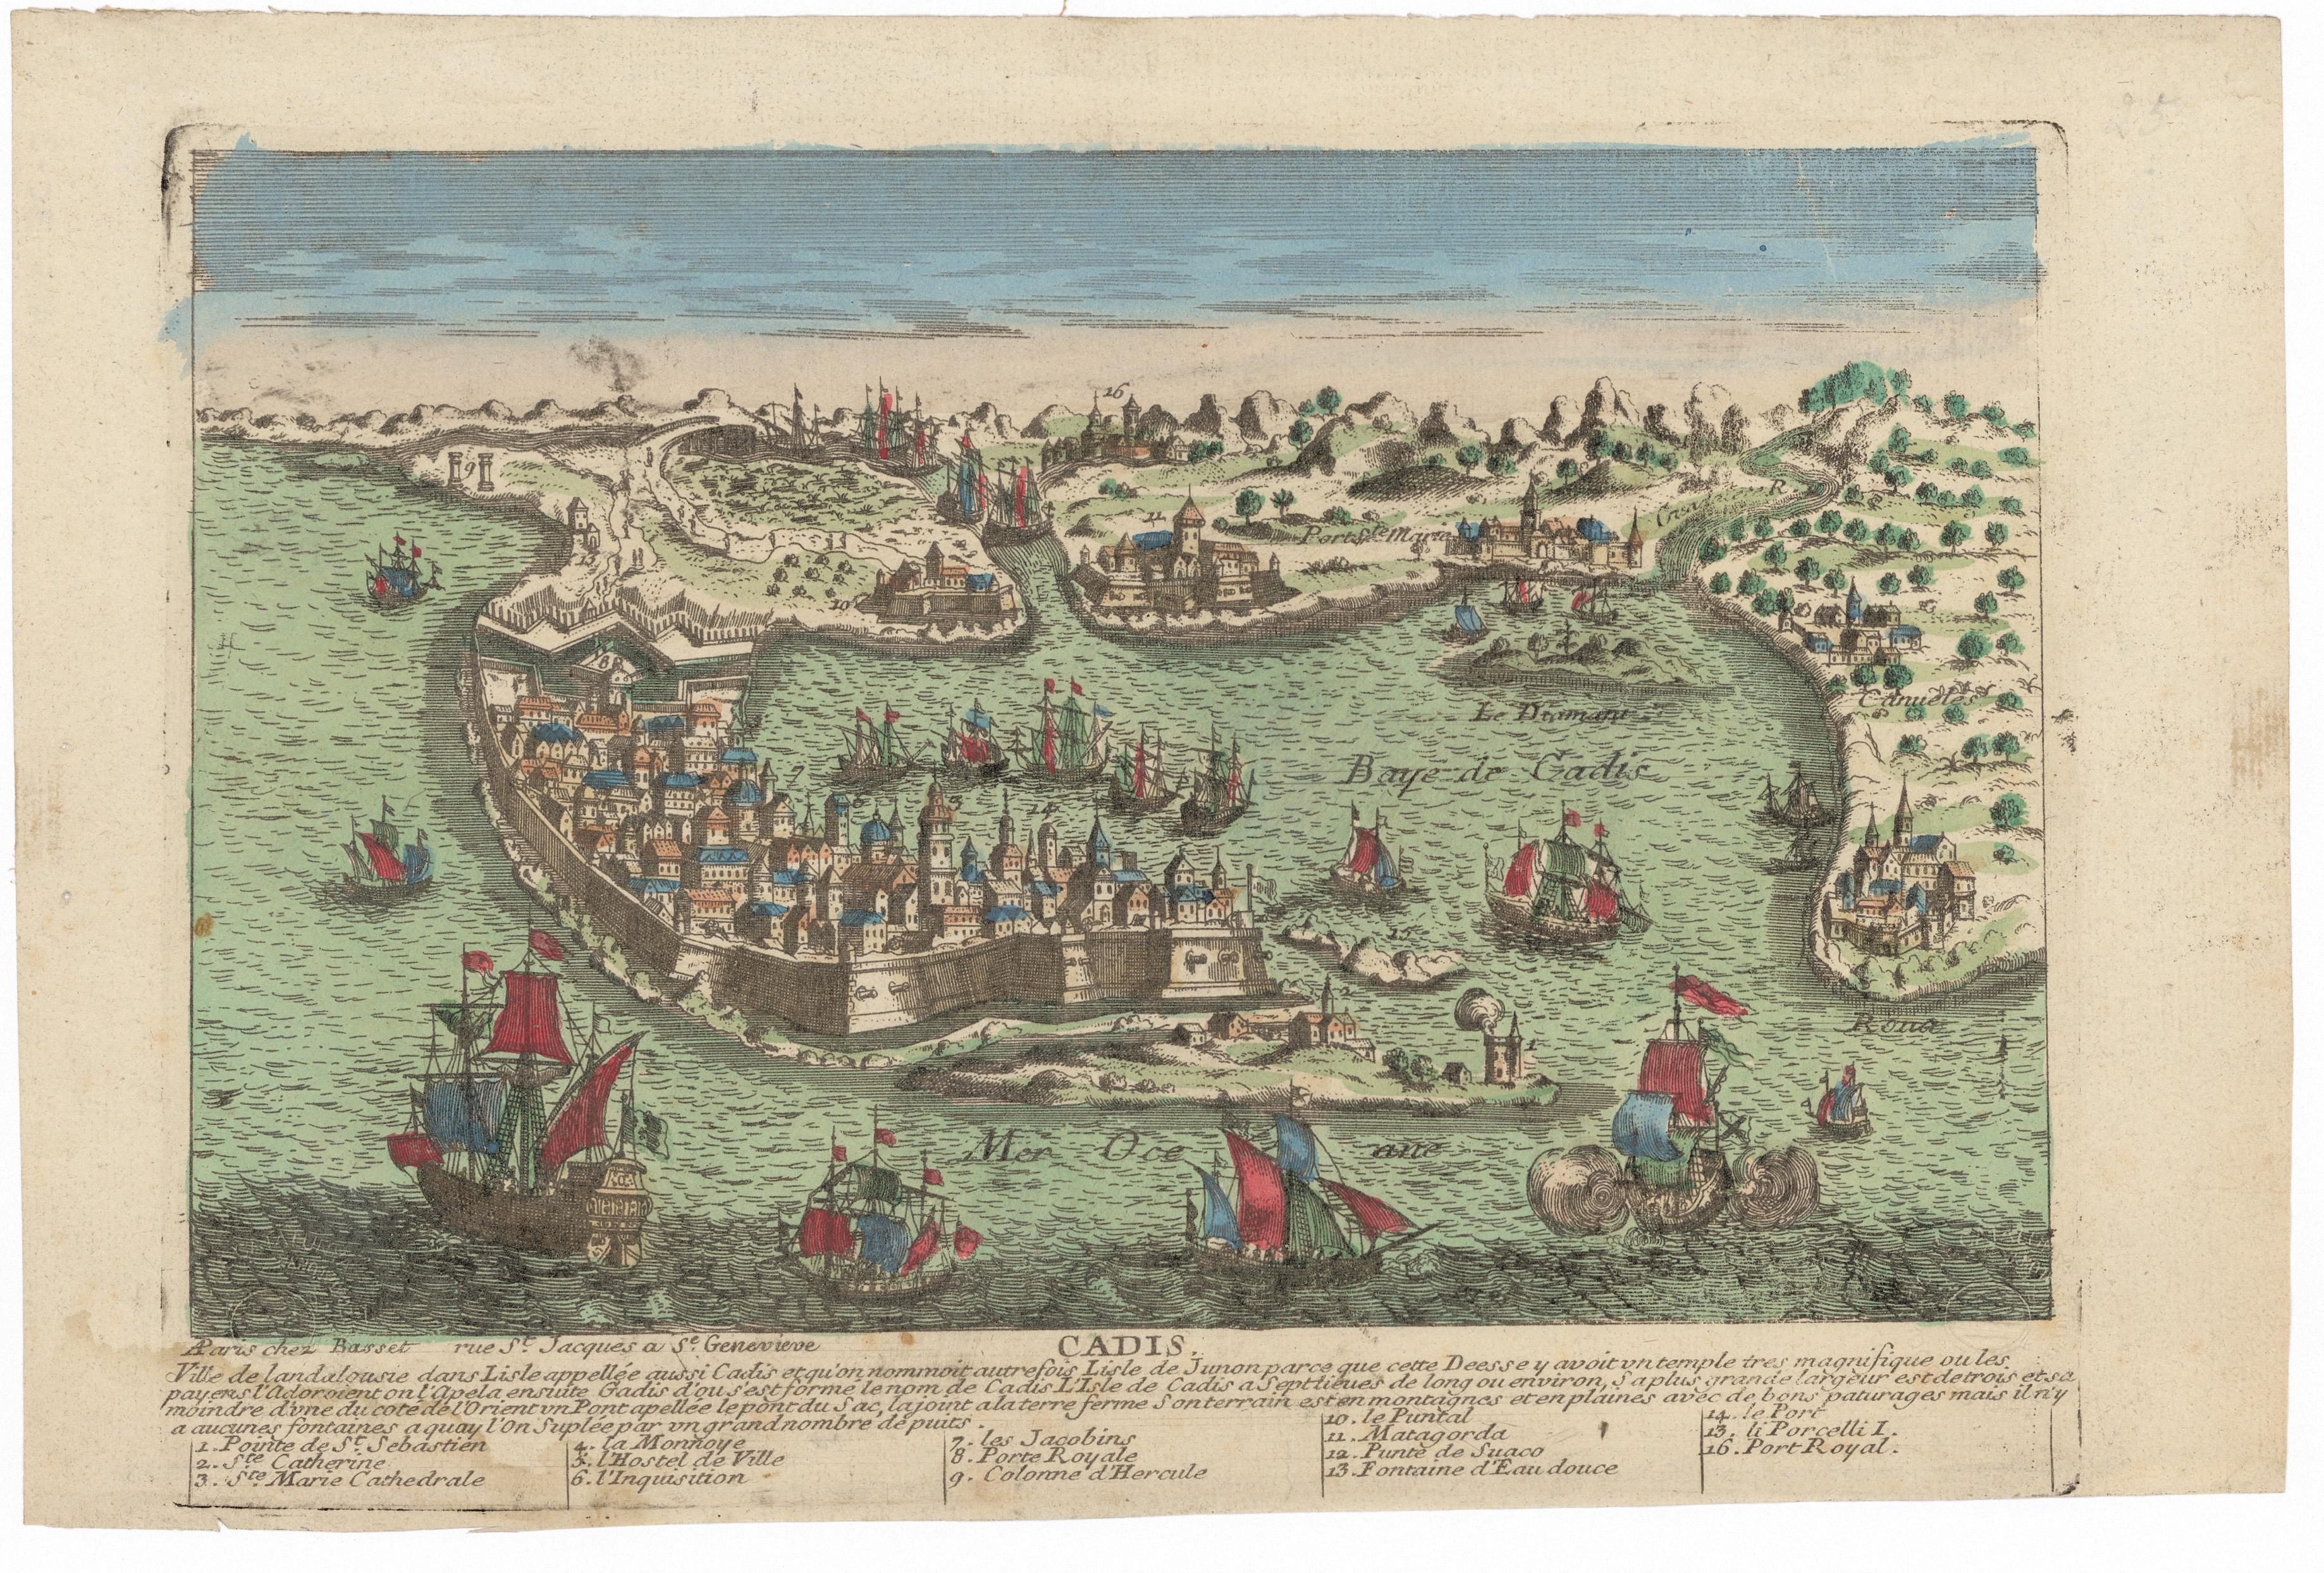 Bay of Cádiz in 1700